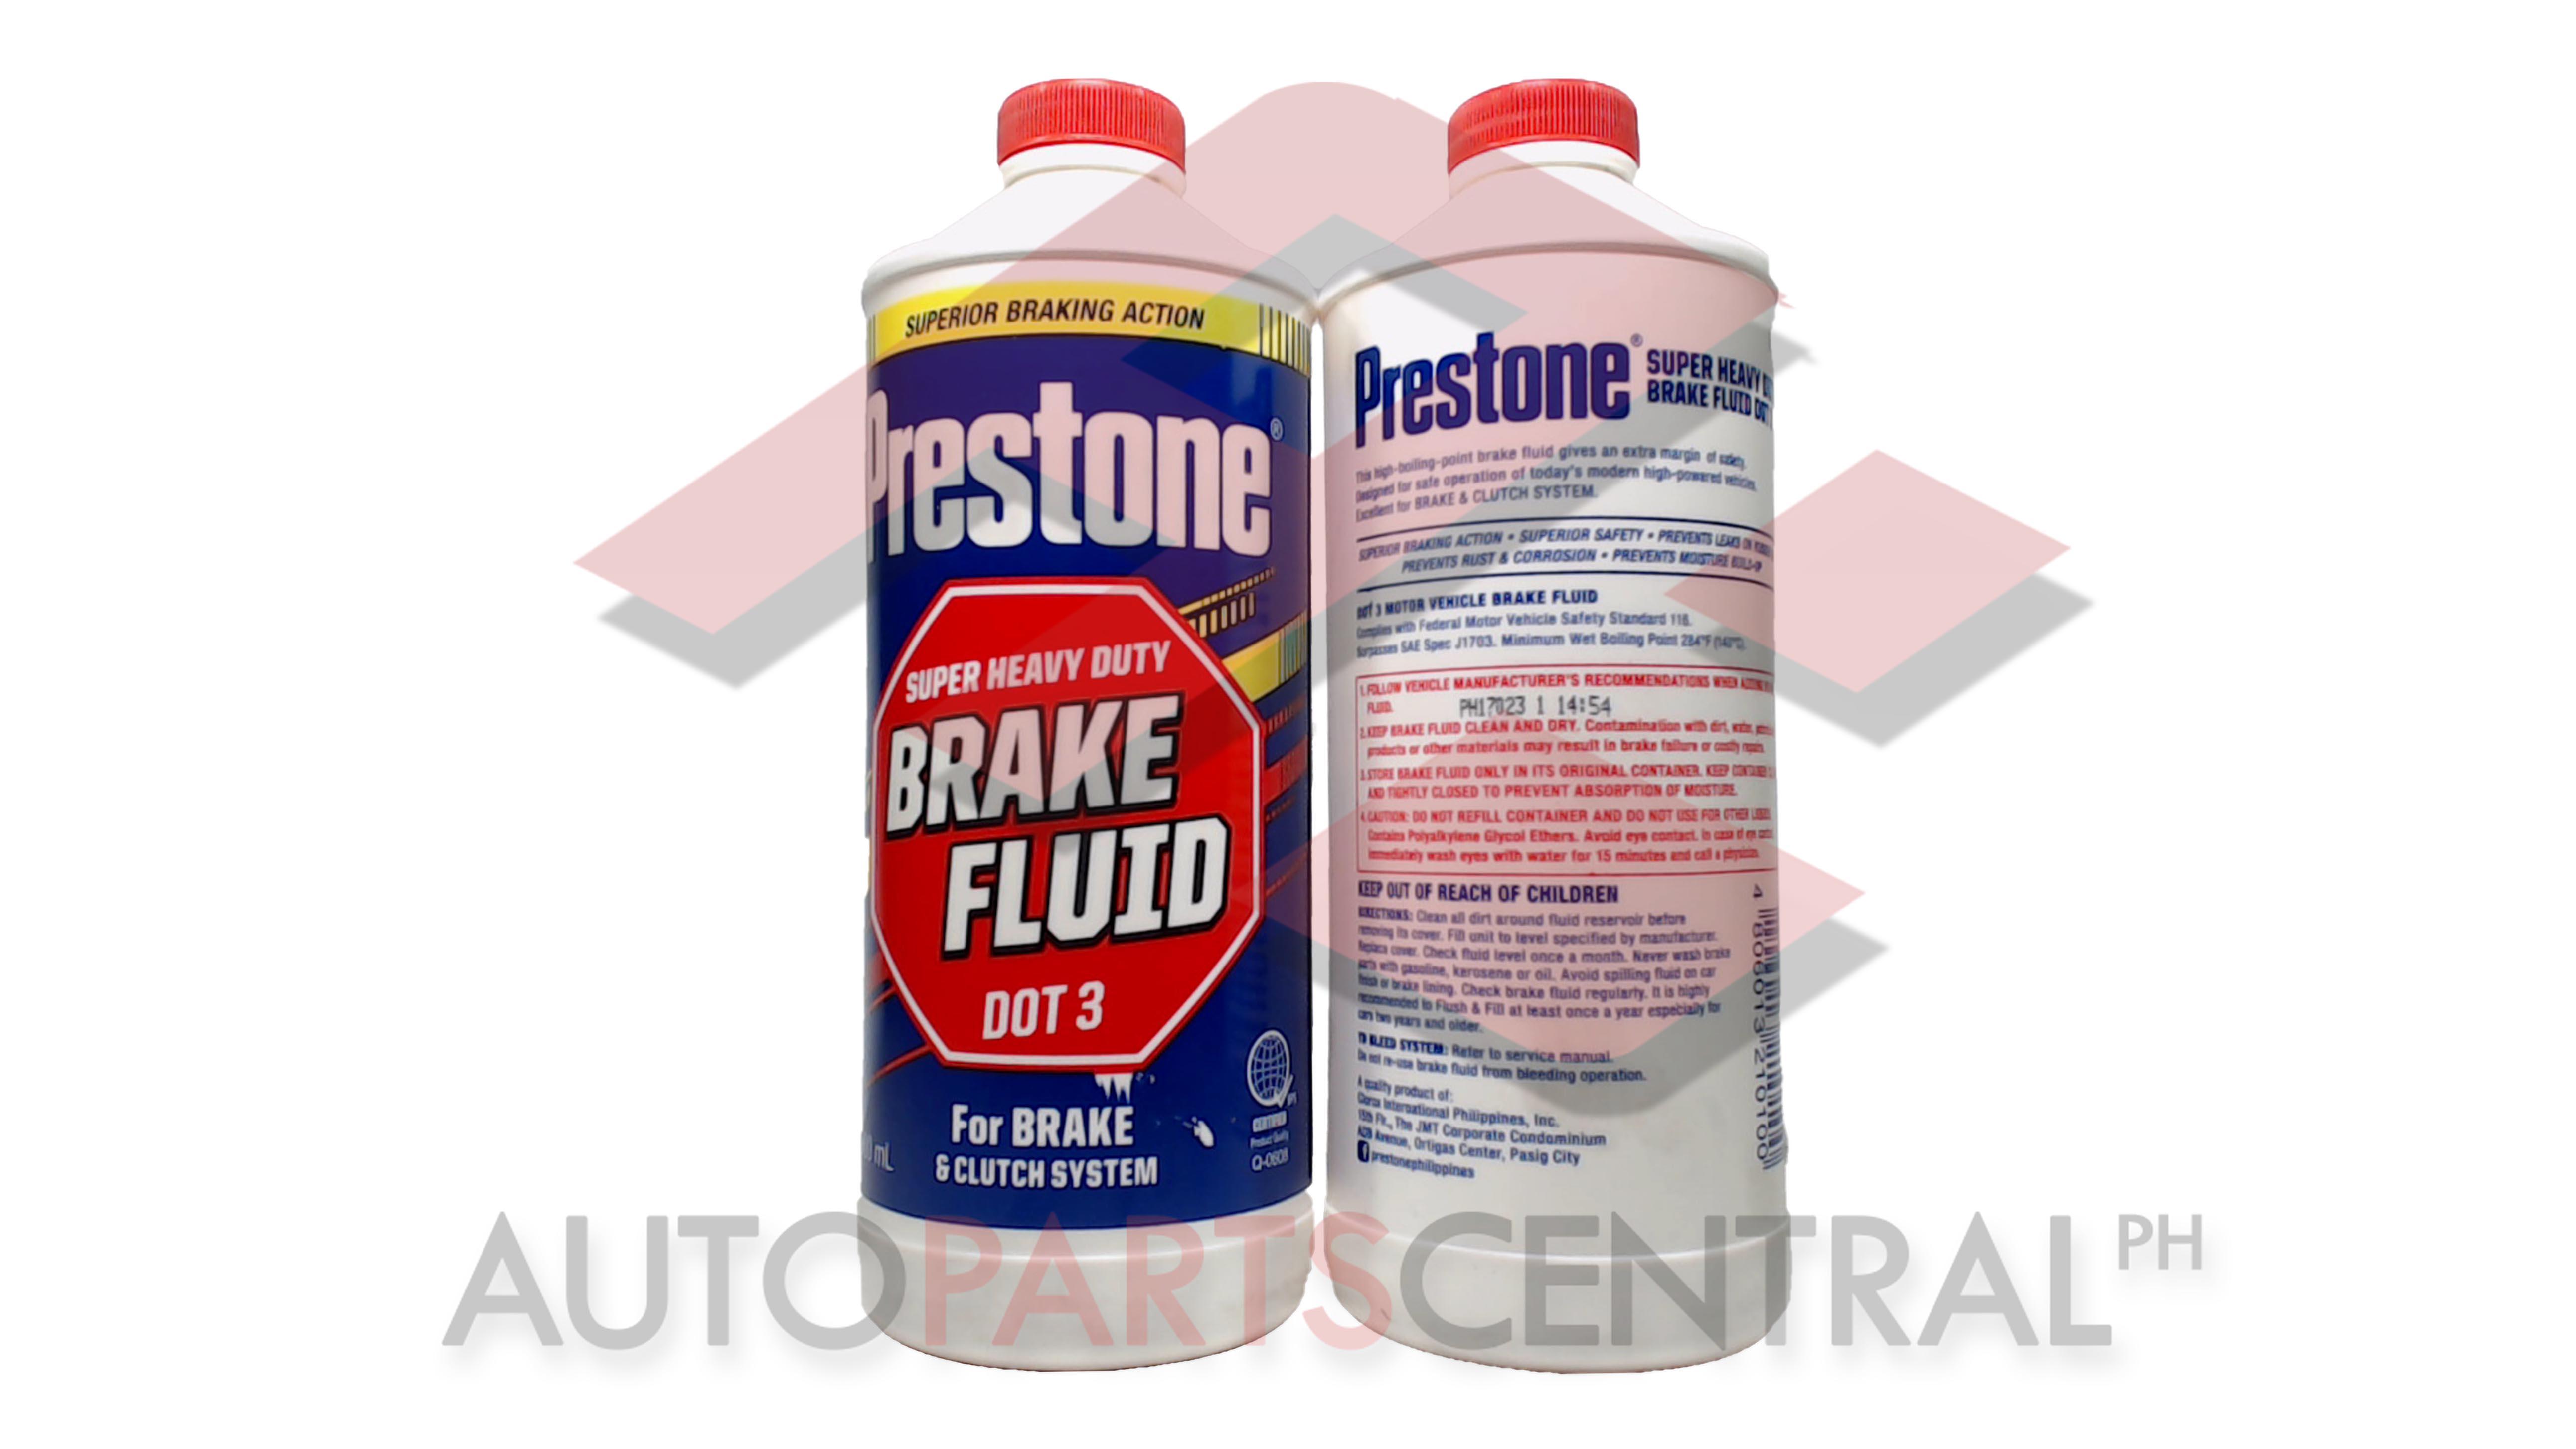 Prestone Super Heavy Duty Brake Fluid Dot 3 900ml